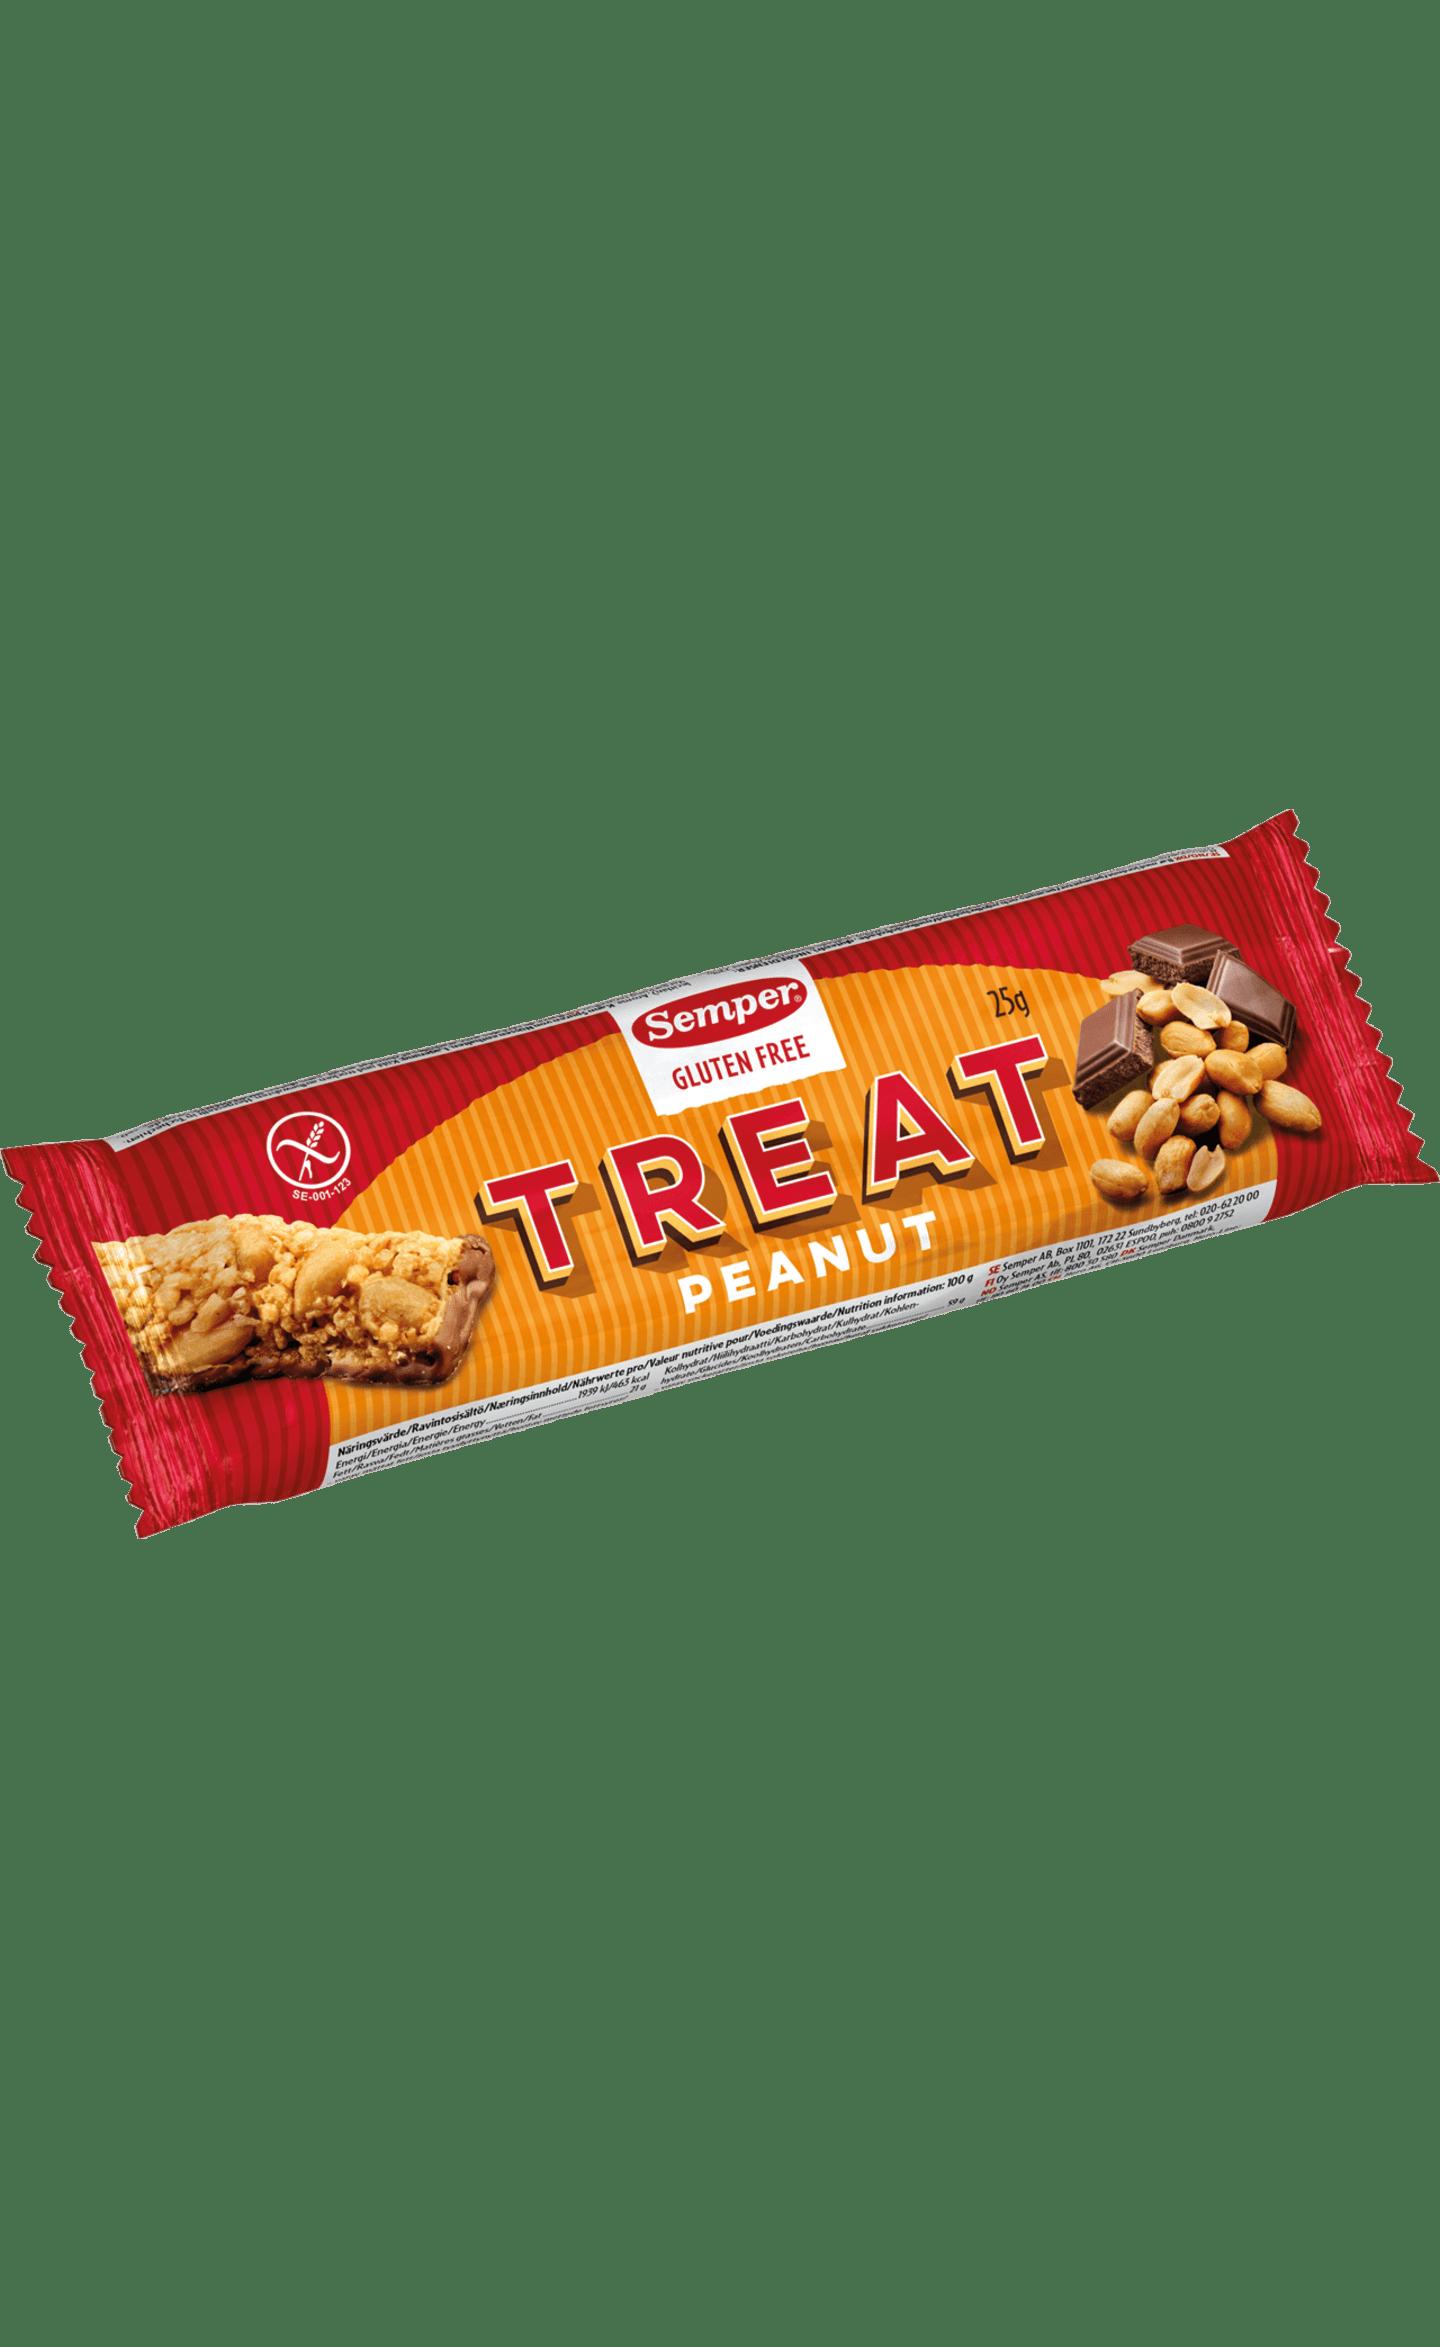 Treat Peanut